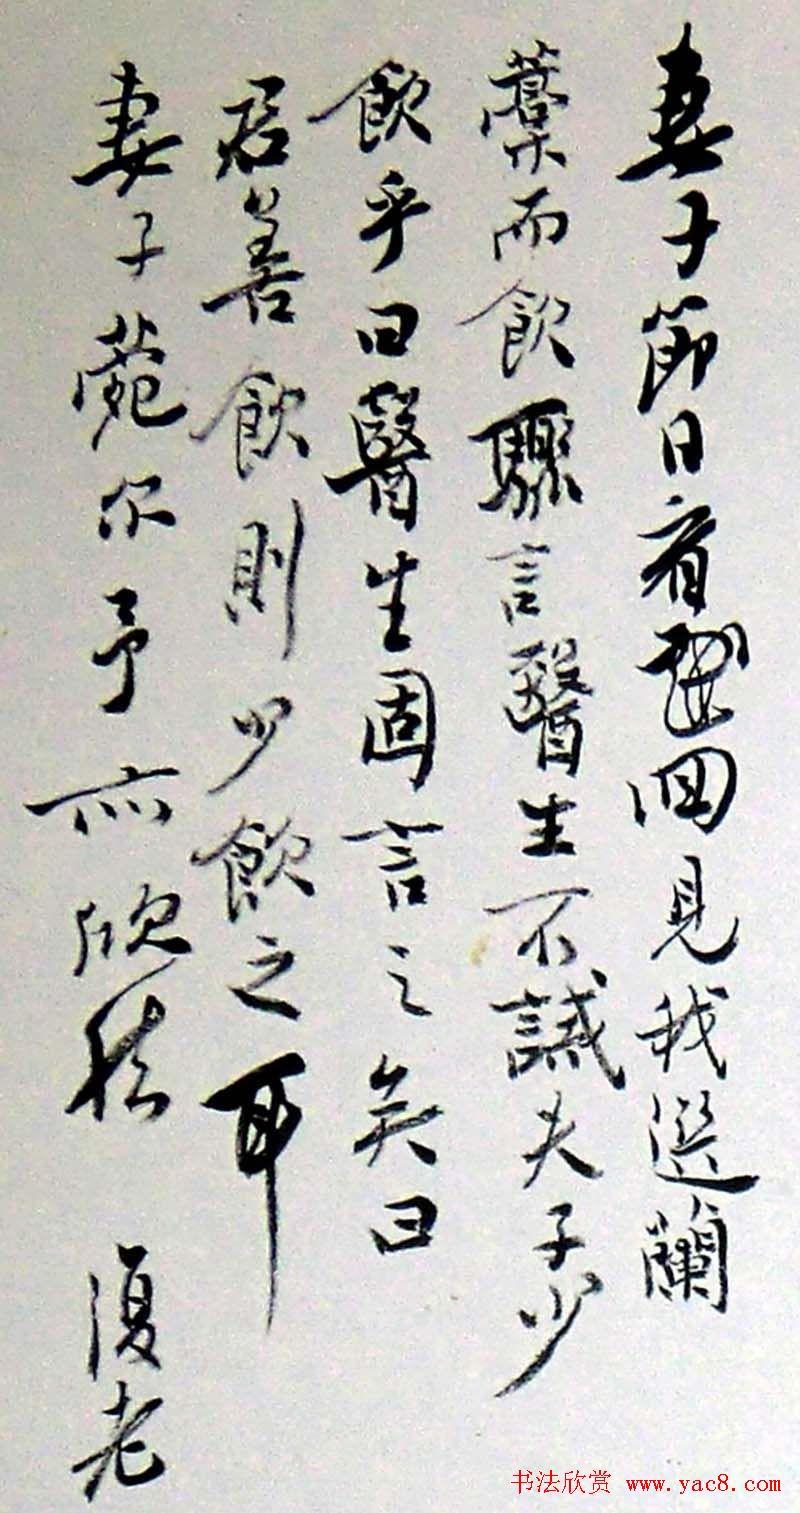 欣赏 9-6 刘艺书法艺术作品网络展高清大图 8-29 名人墨迹展览刘海粟